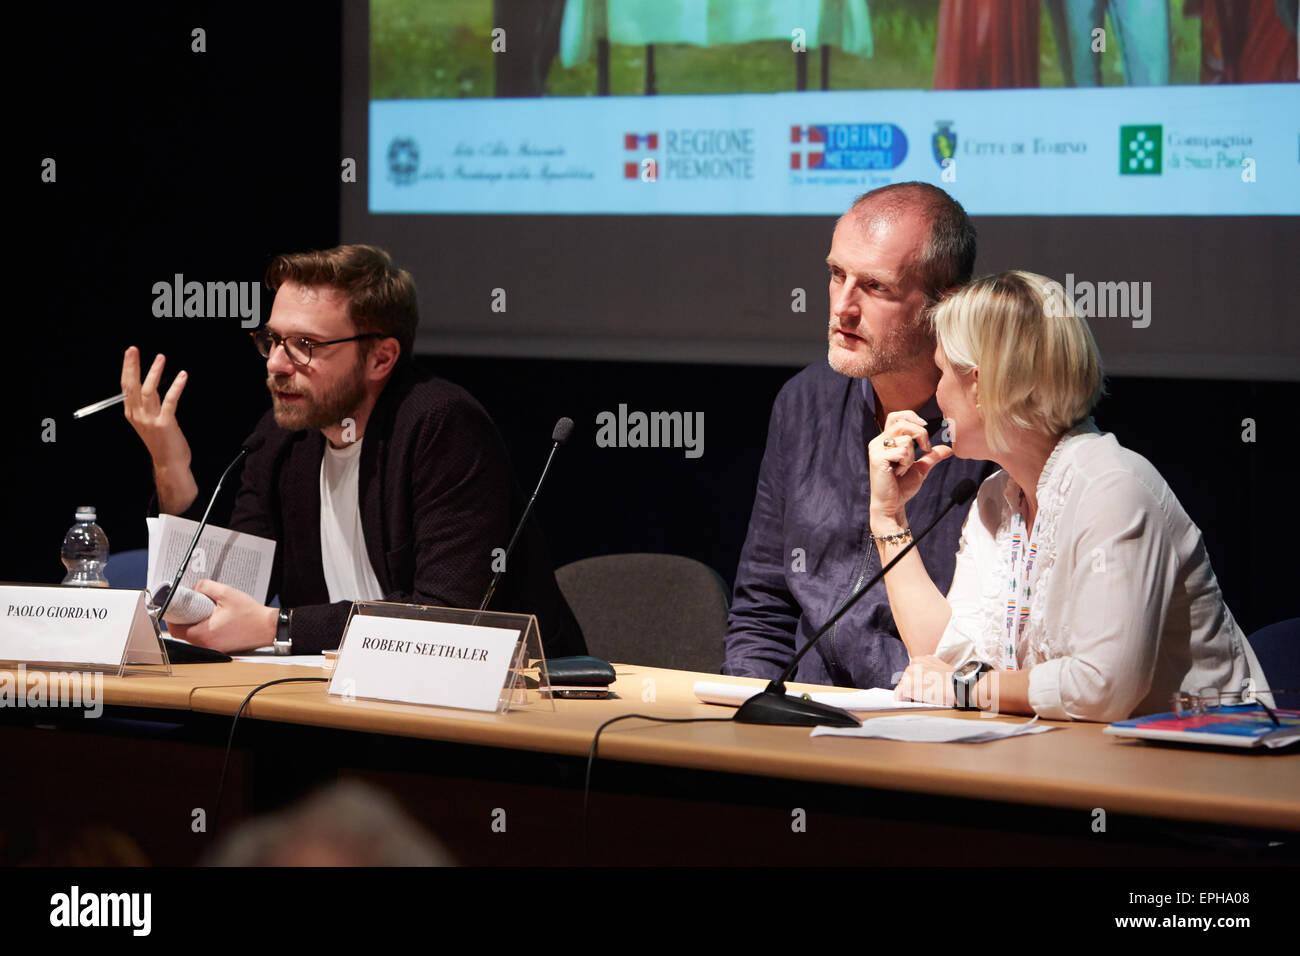 Robert Seethaler al Salone del Libro, fiera internazionale del libro il 17 maggio 2015 a Torino. Immagini Stock